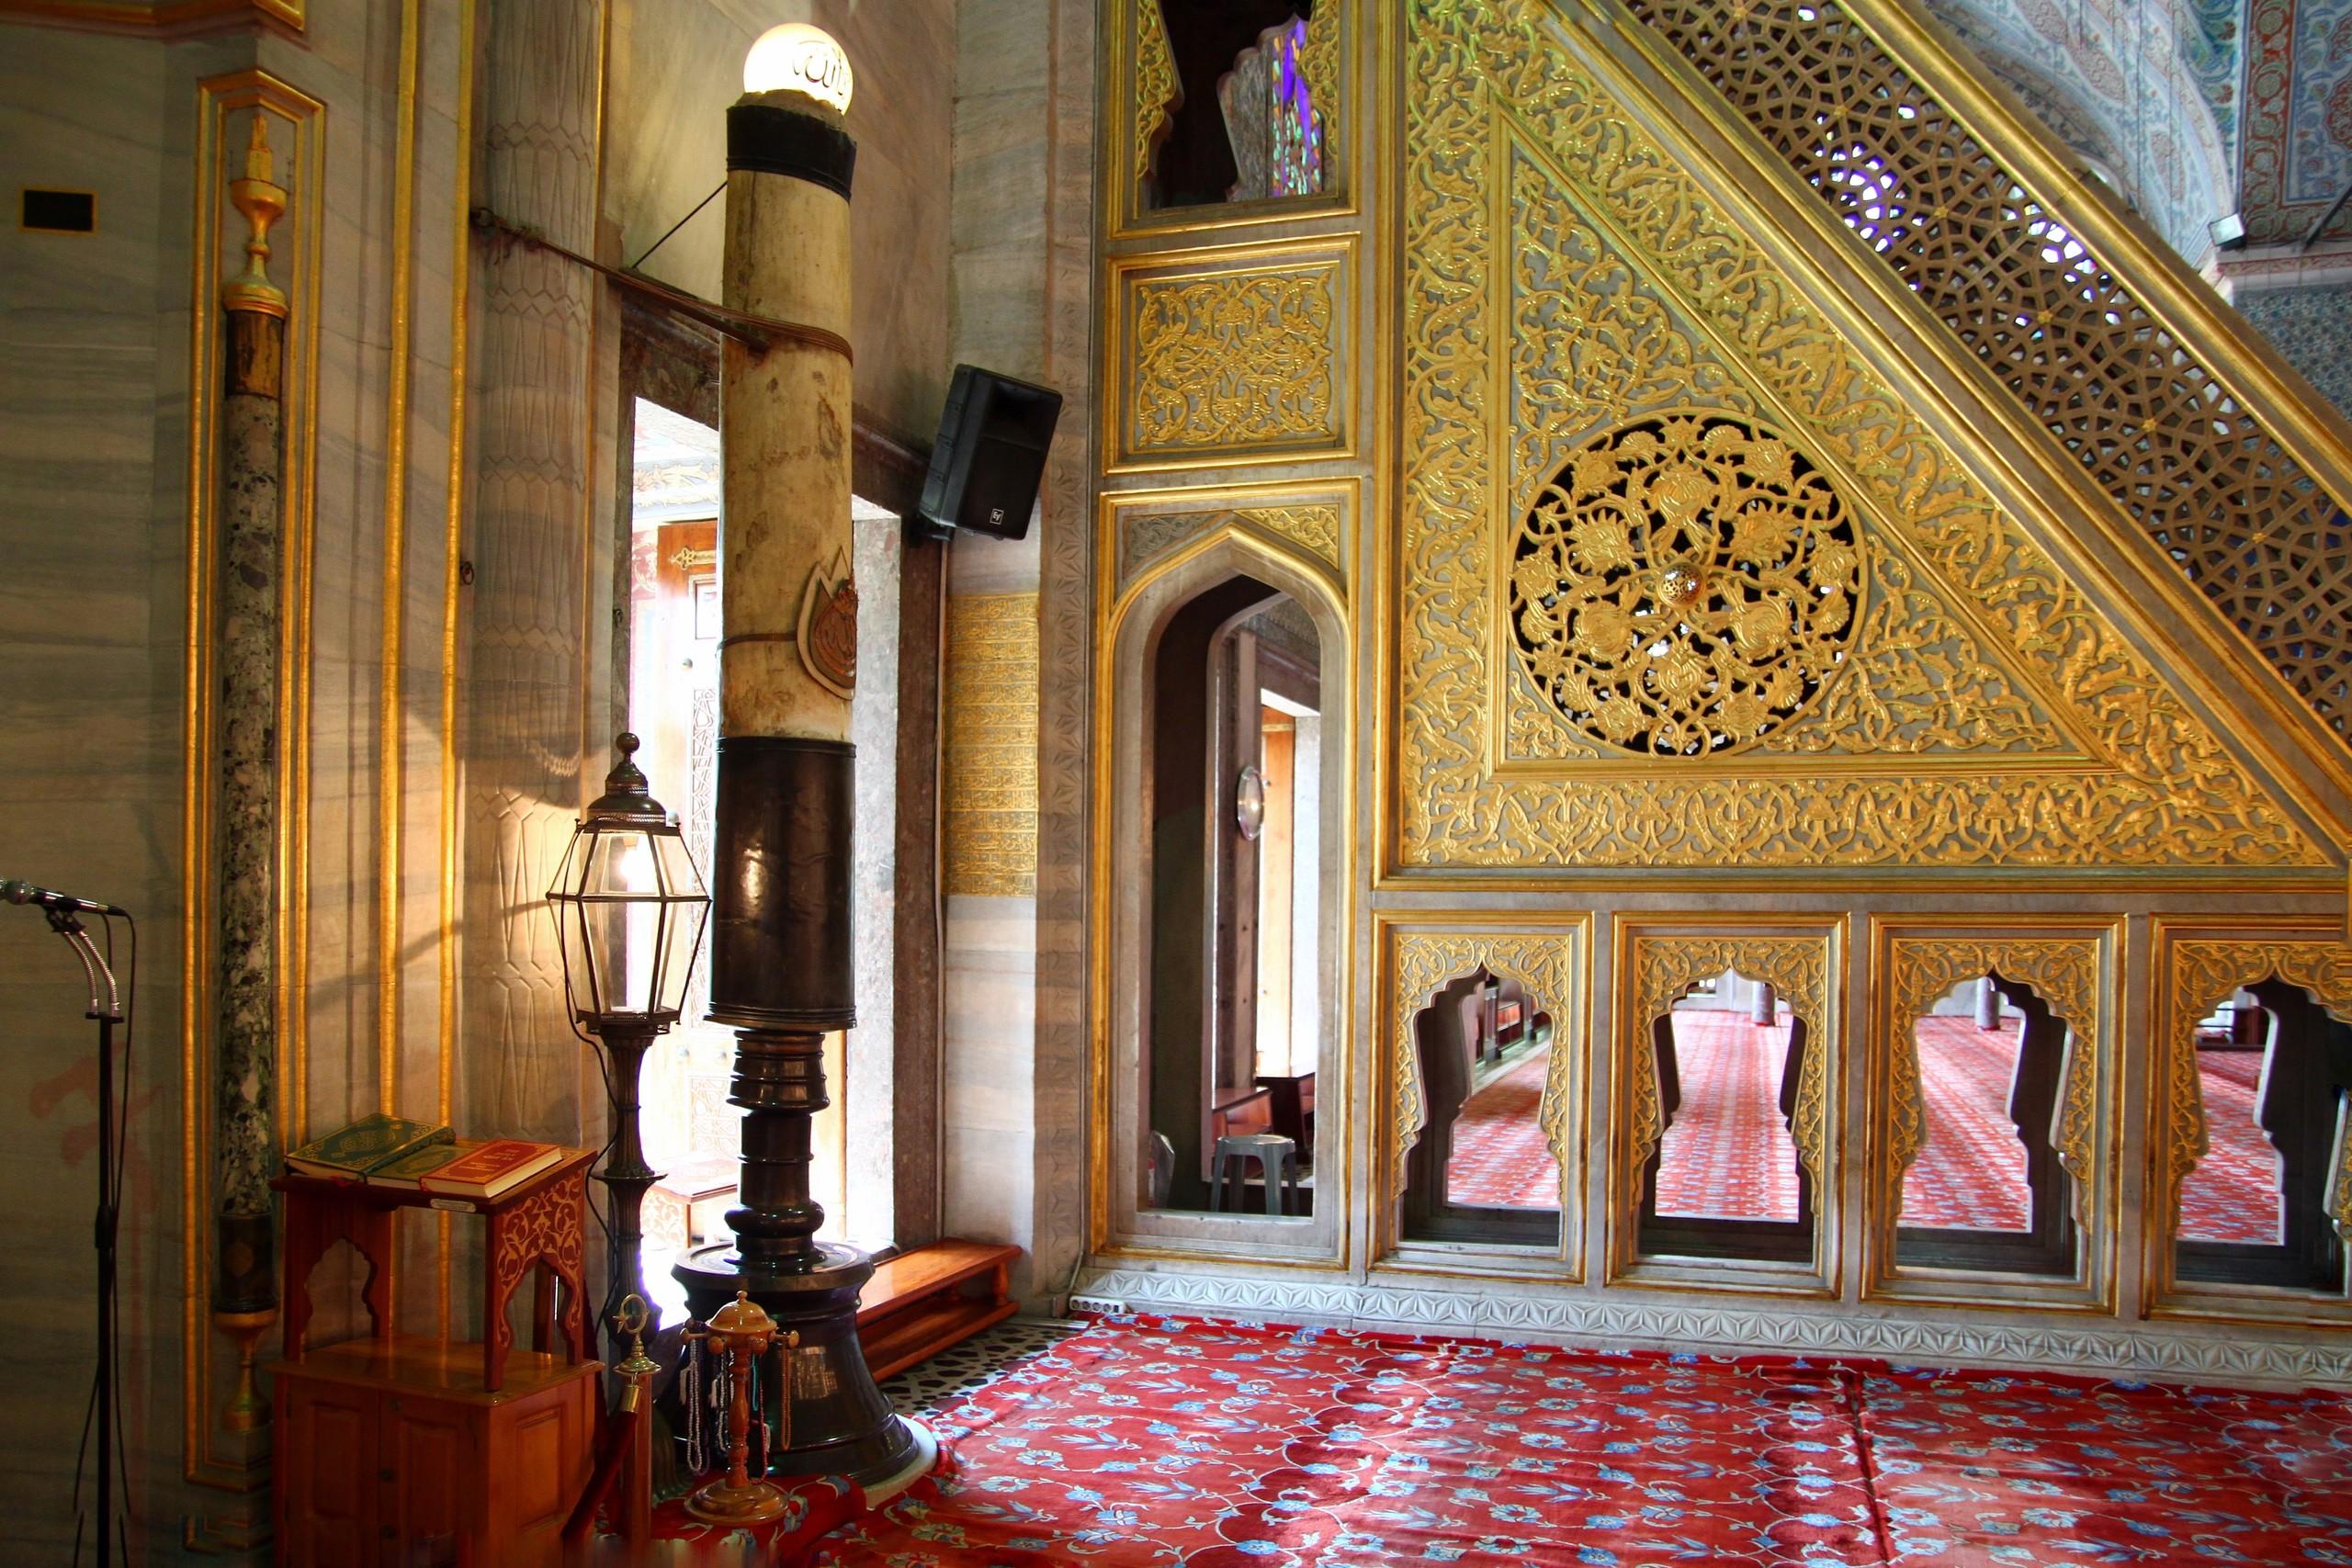 Pırlantadan Kubbeler #5: Sultanahmed - 2ZW3X2 - Pırlantadan Kubbeler #5: Sultanahmed